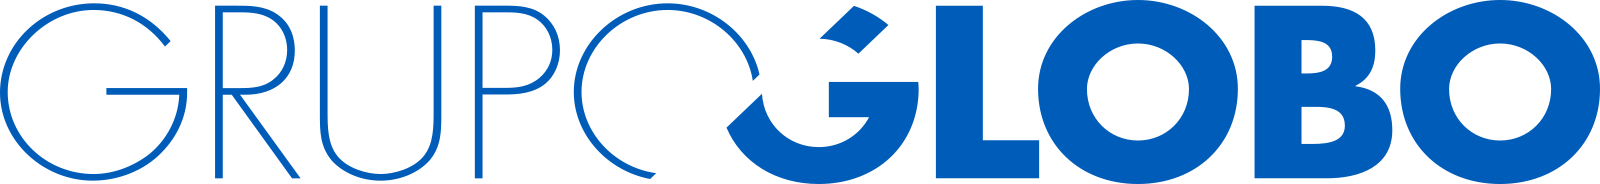 grupo globo logo 2 - Grupo Globo Logo